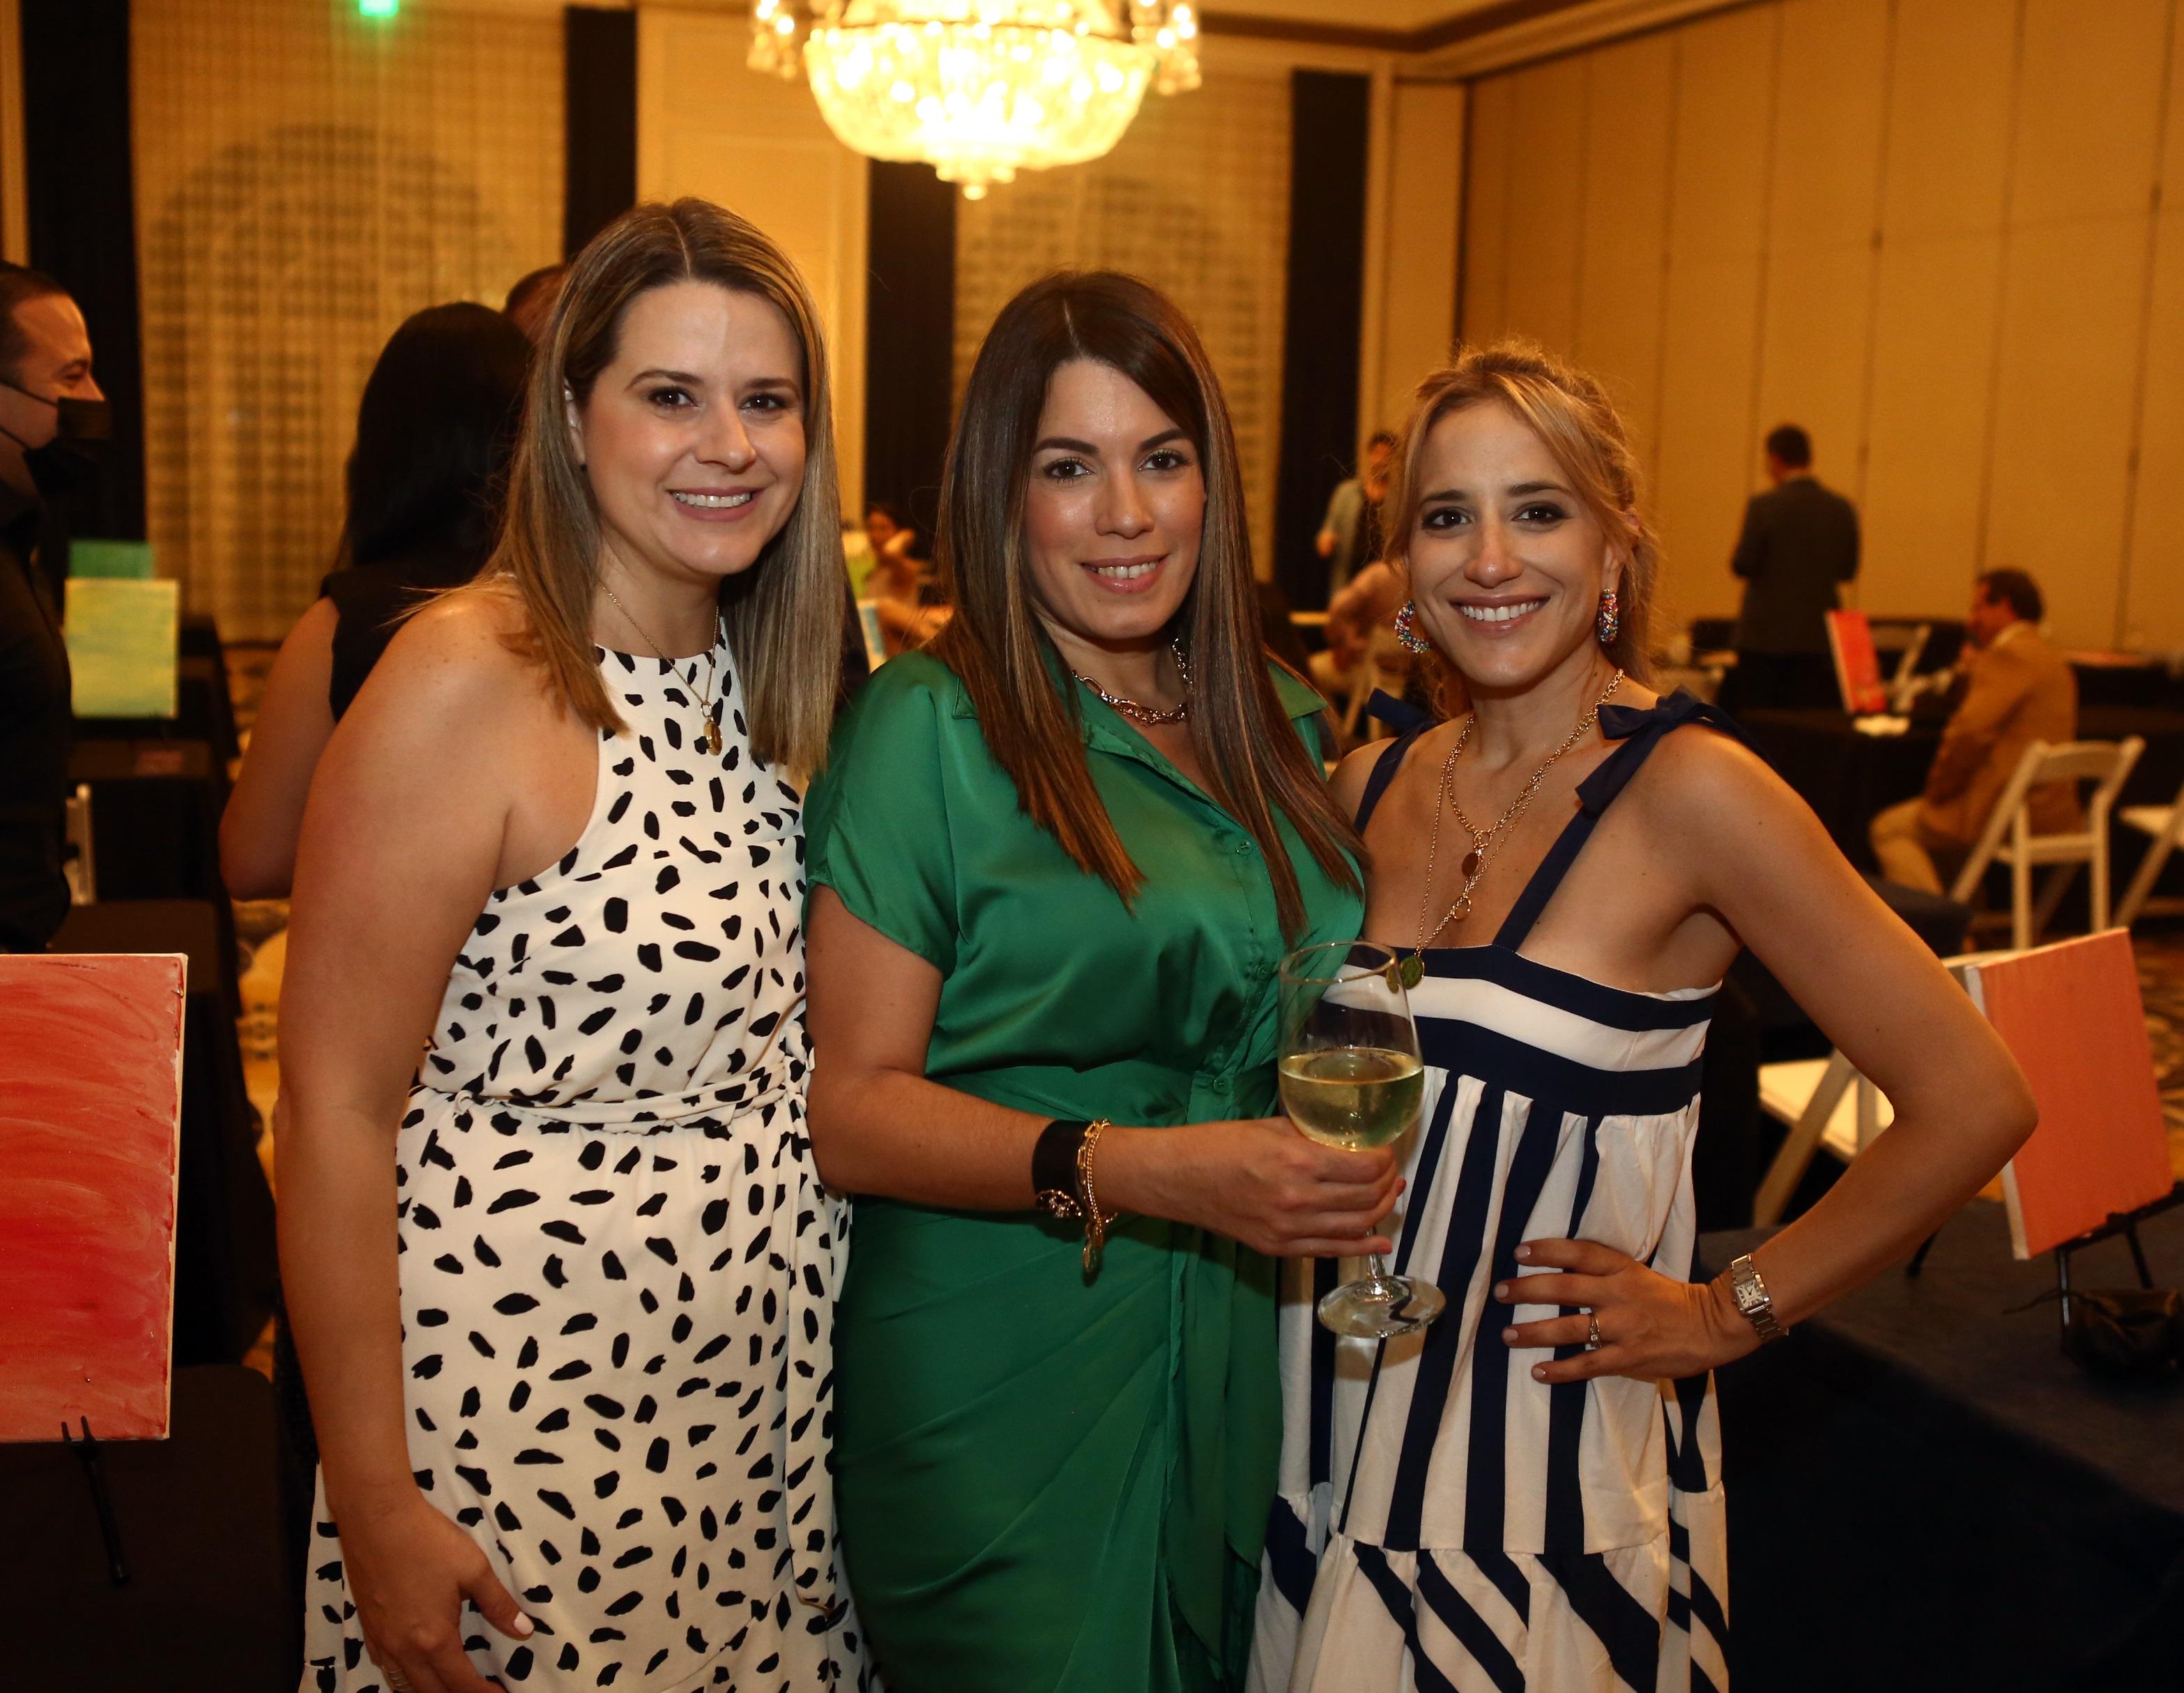 Coral Cummings, Vivianna Londoño y Clarissa Espada (José Rafael Pérez Centeno)